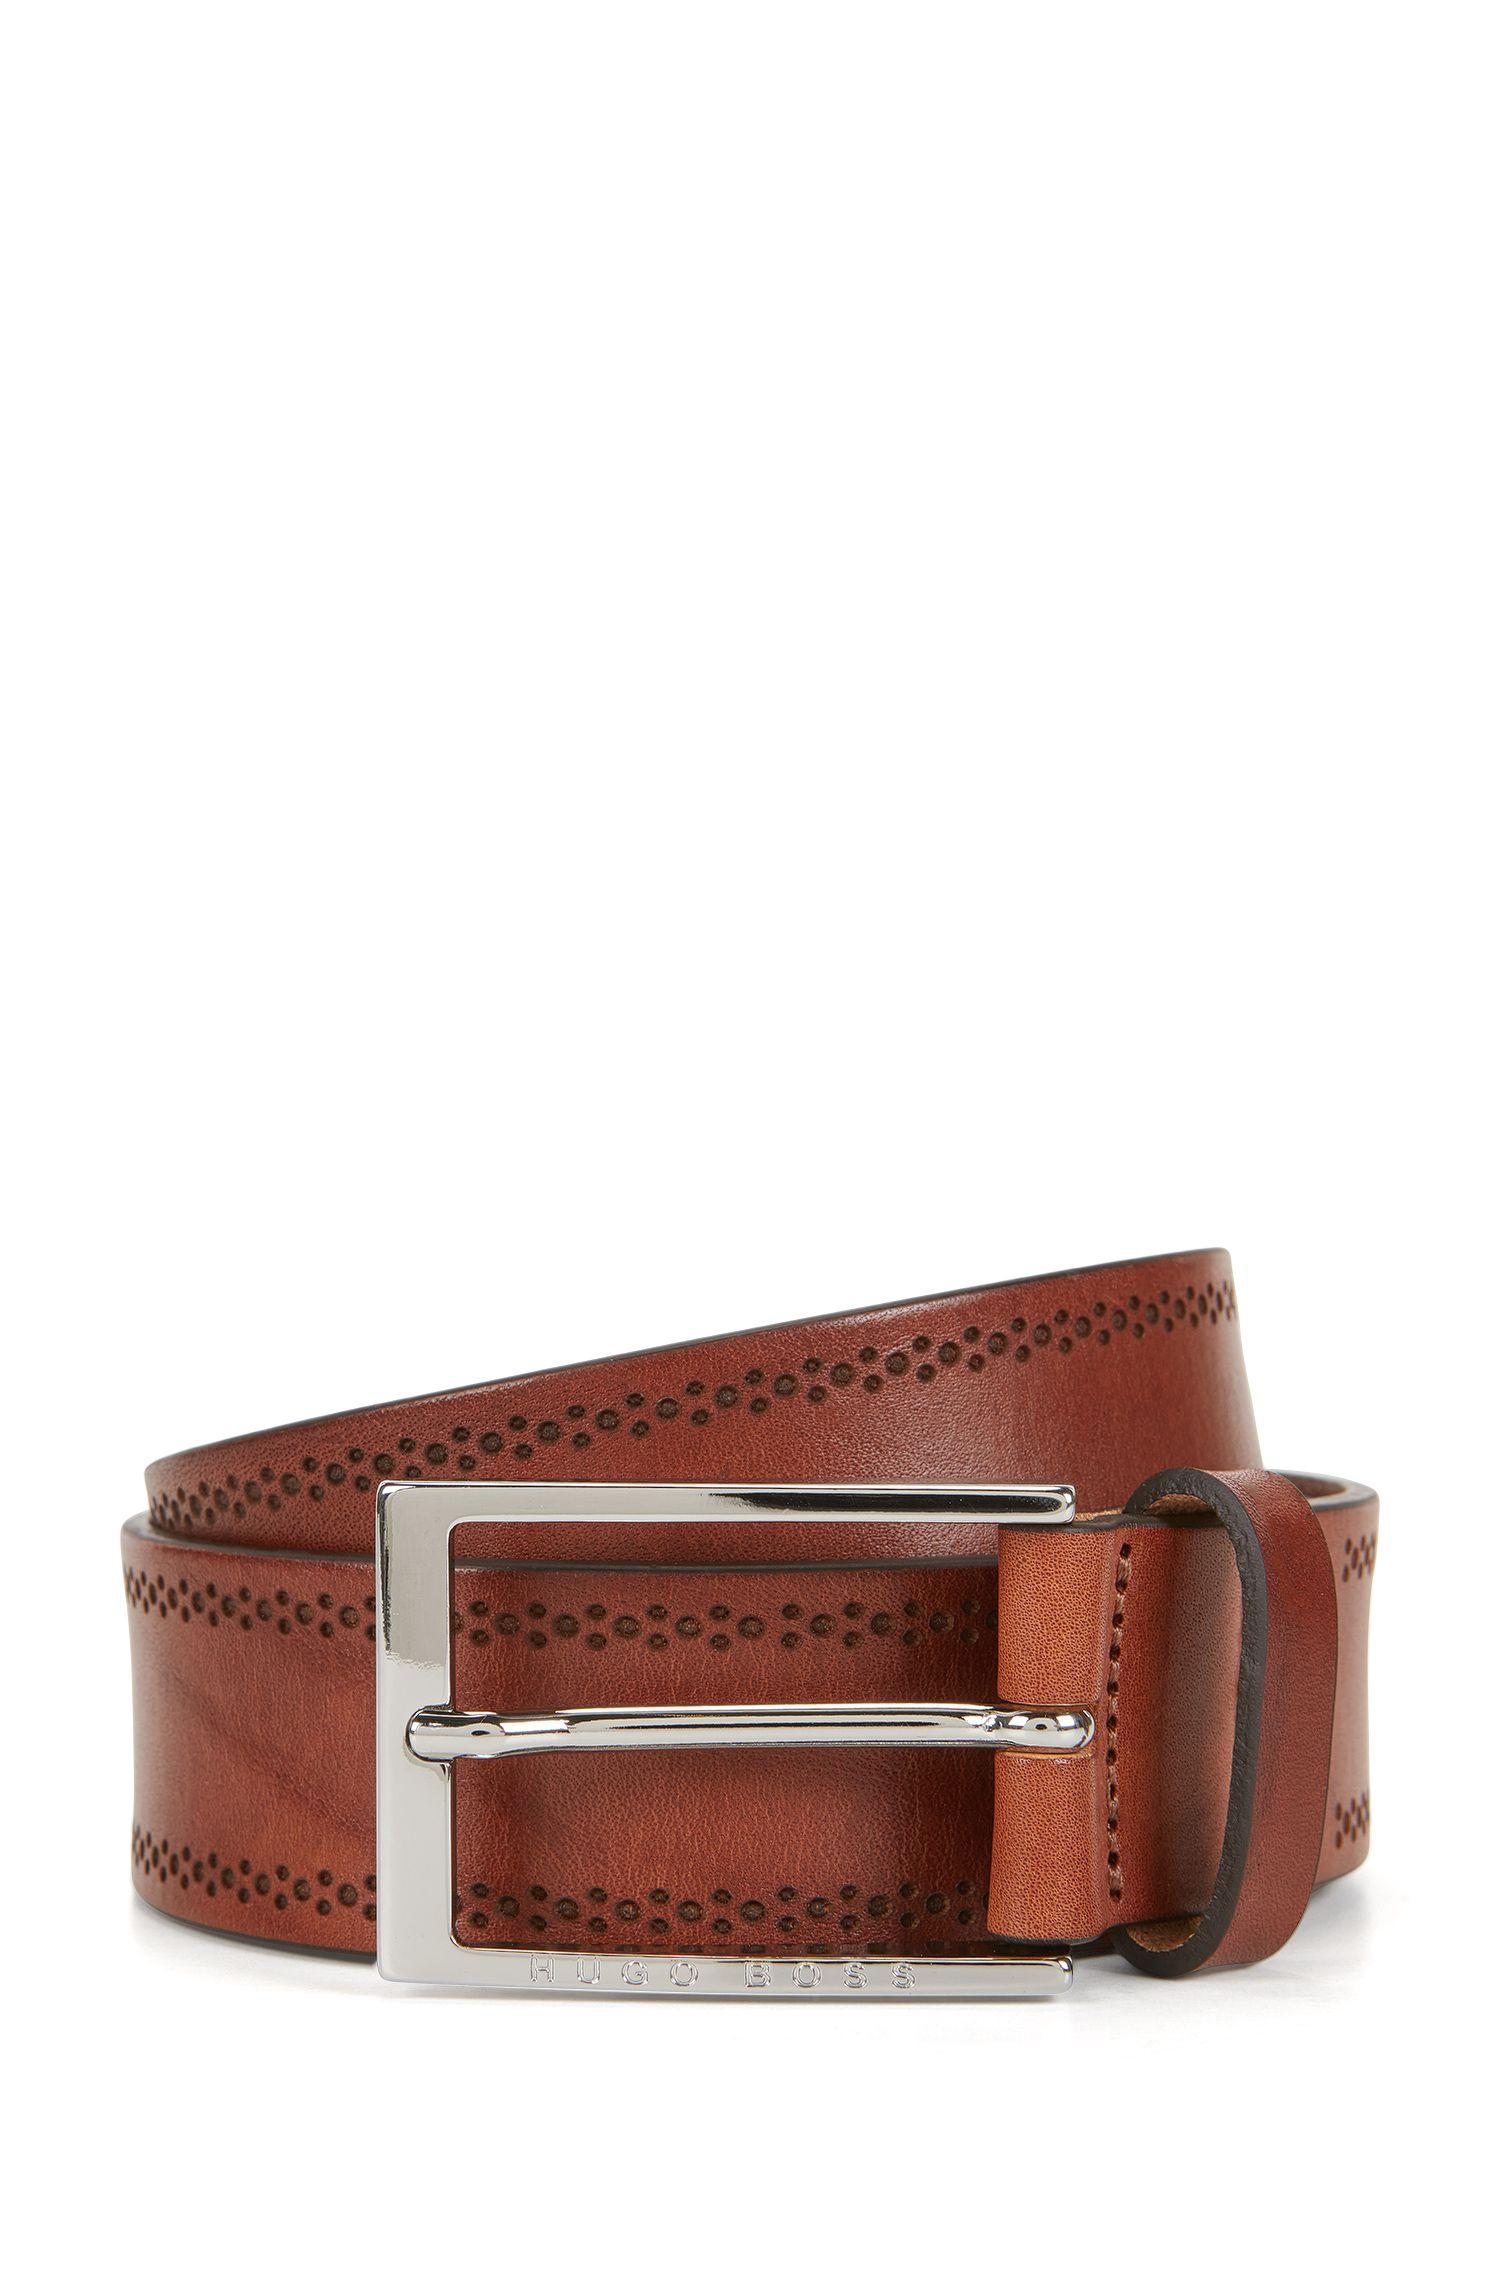 Cinturón de piel con detalle calado